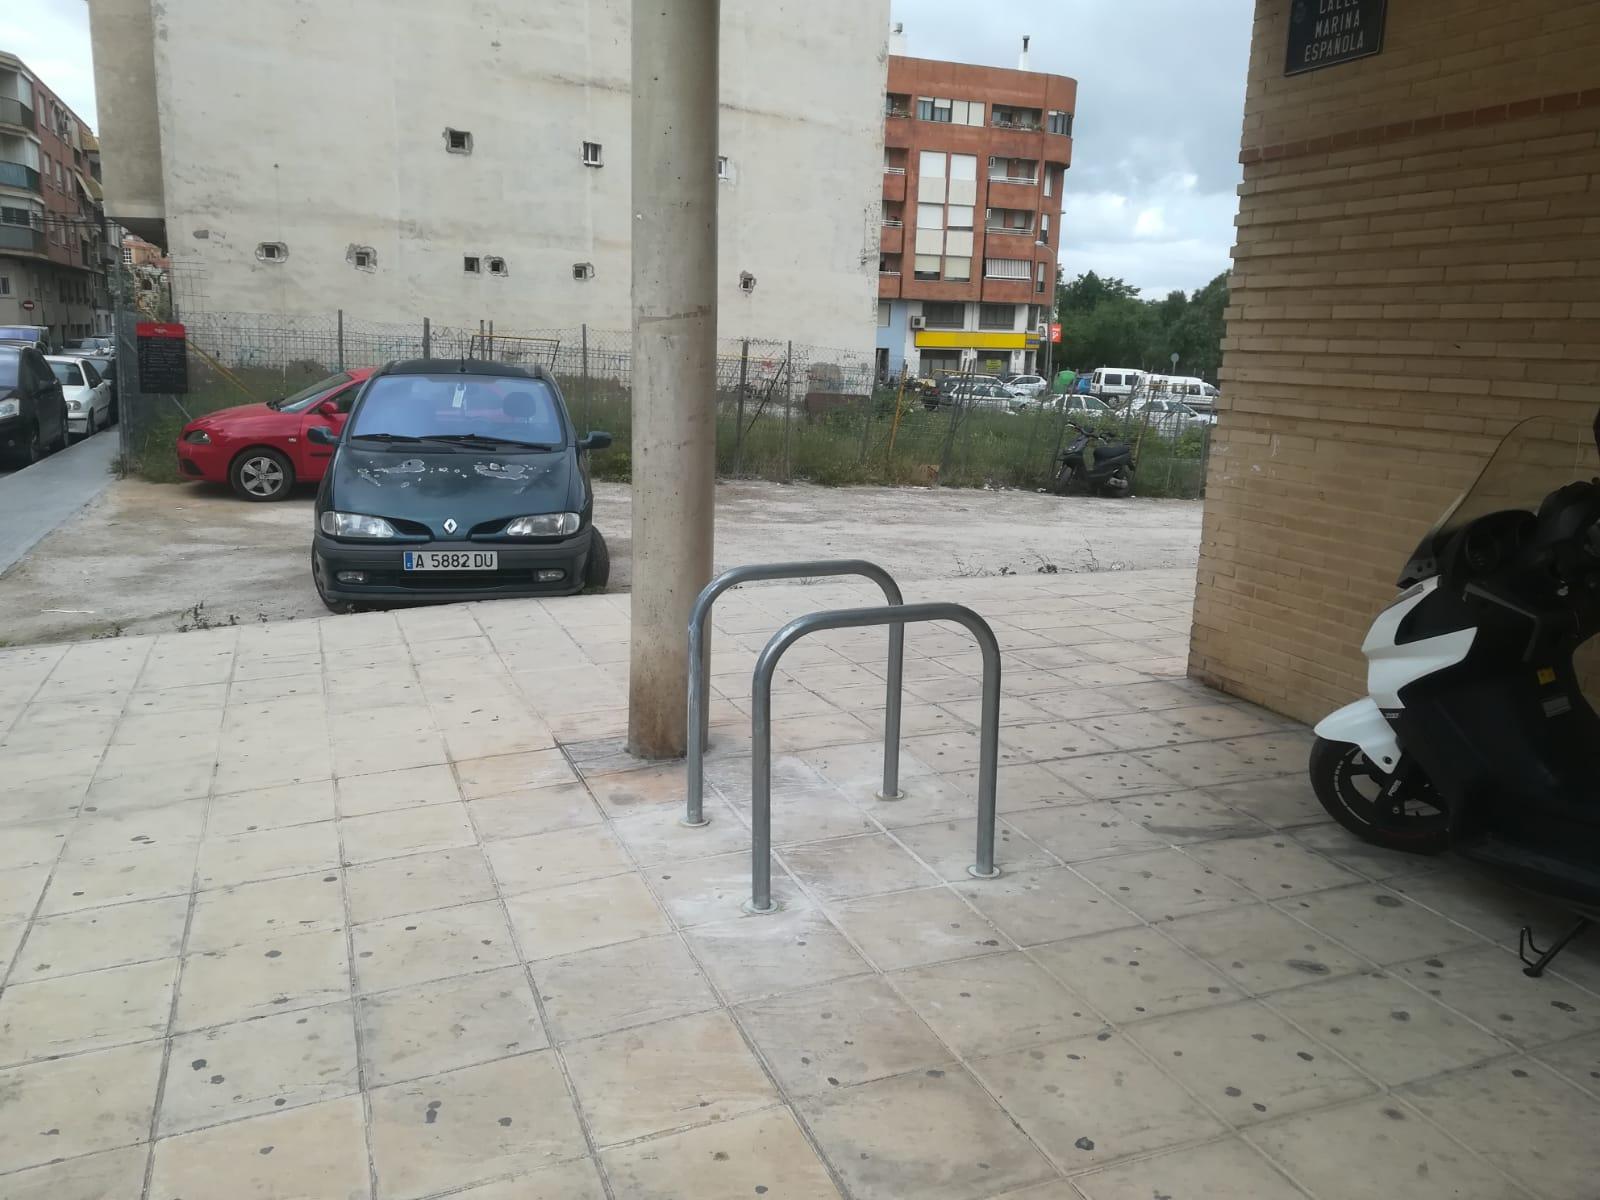 El Ayuntamiento de Elda instalará 25 aparcabicis en diferentes ubicaciones de la ciudad